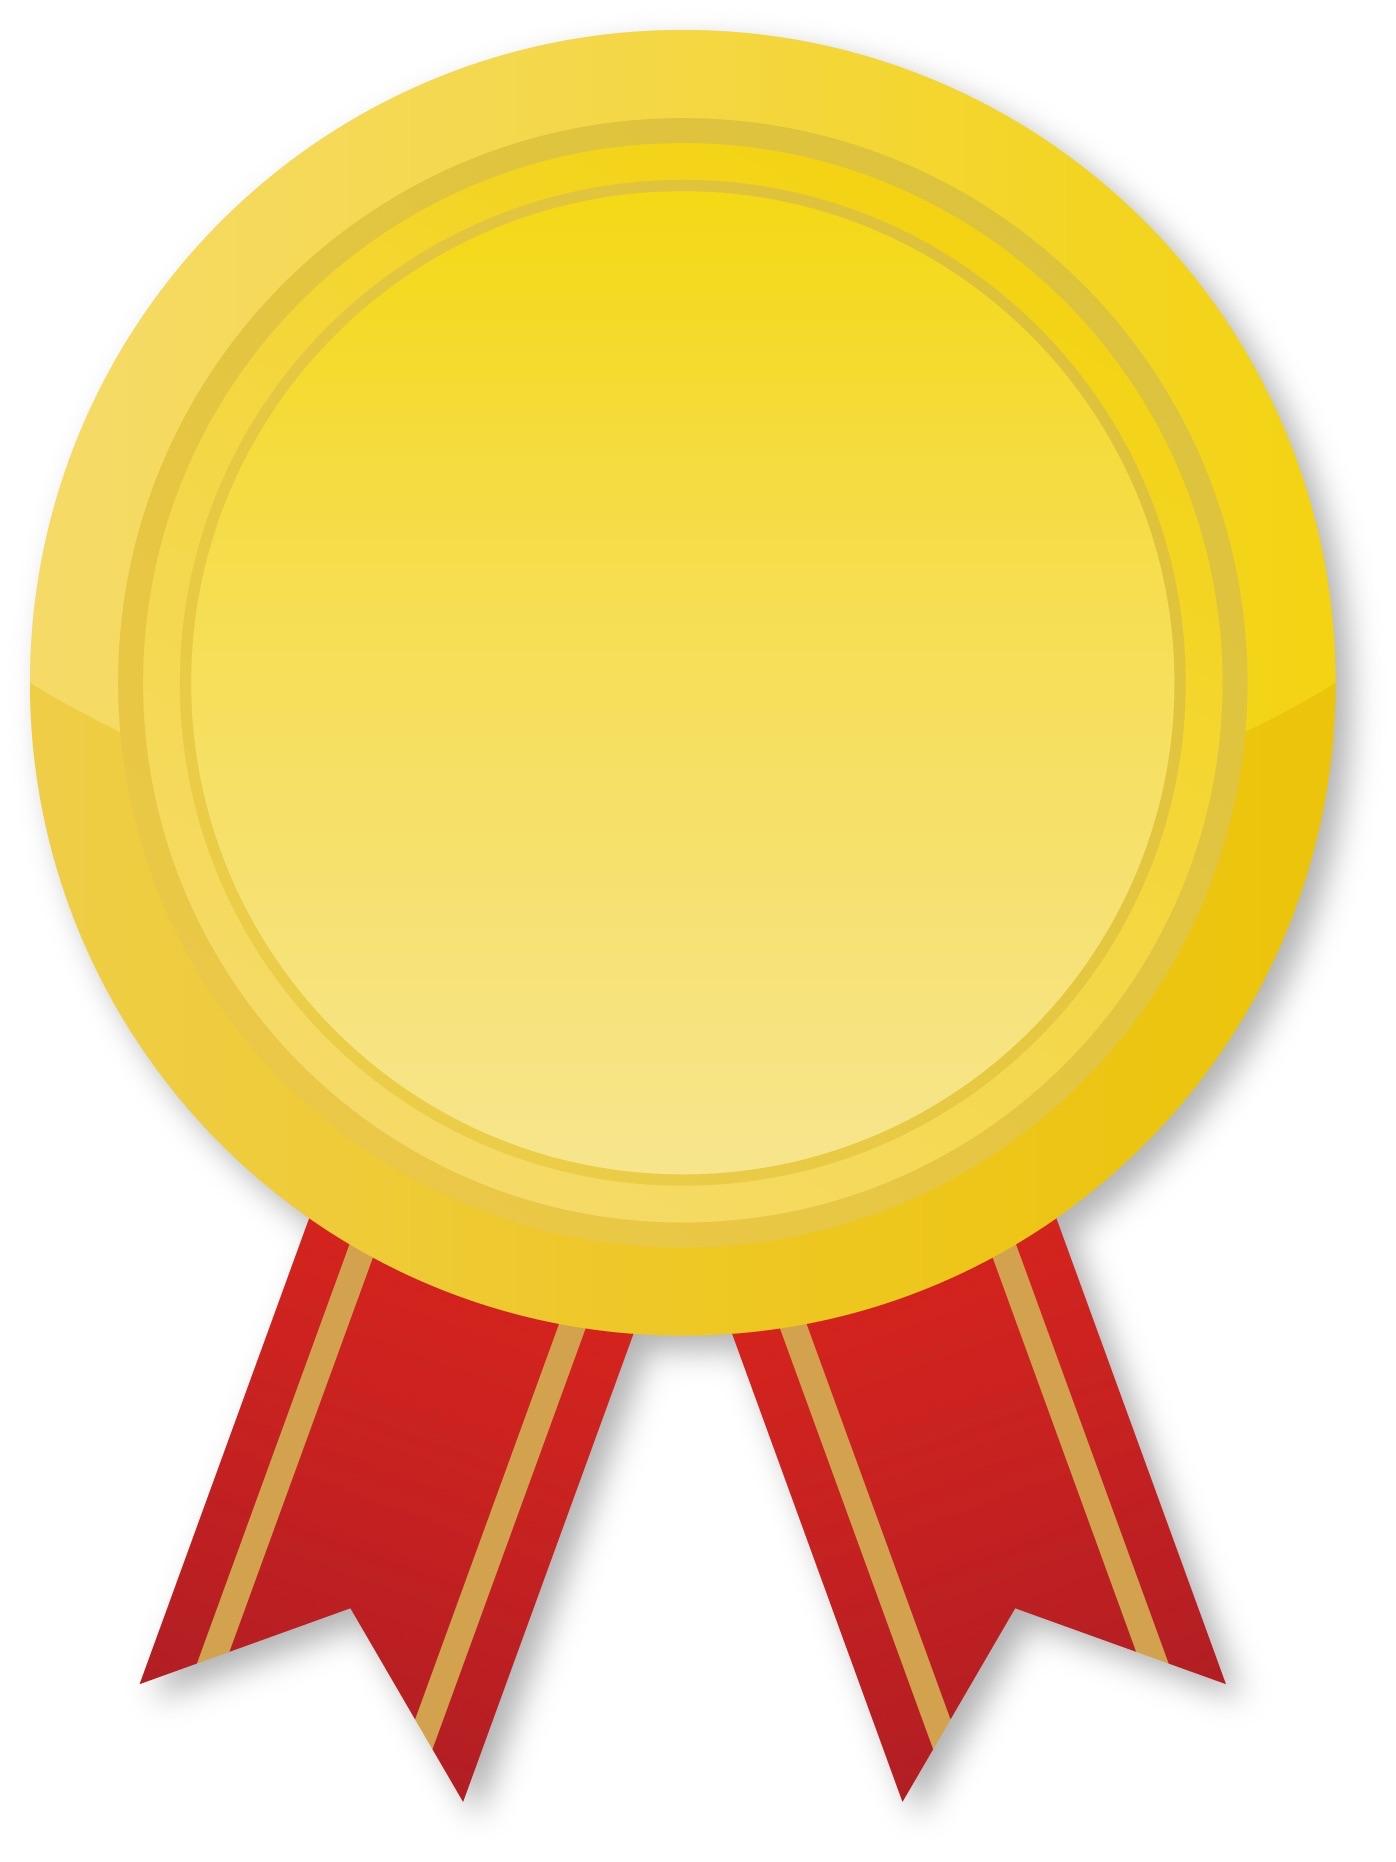 オリンピックの日本のメダル獲得...